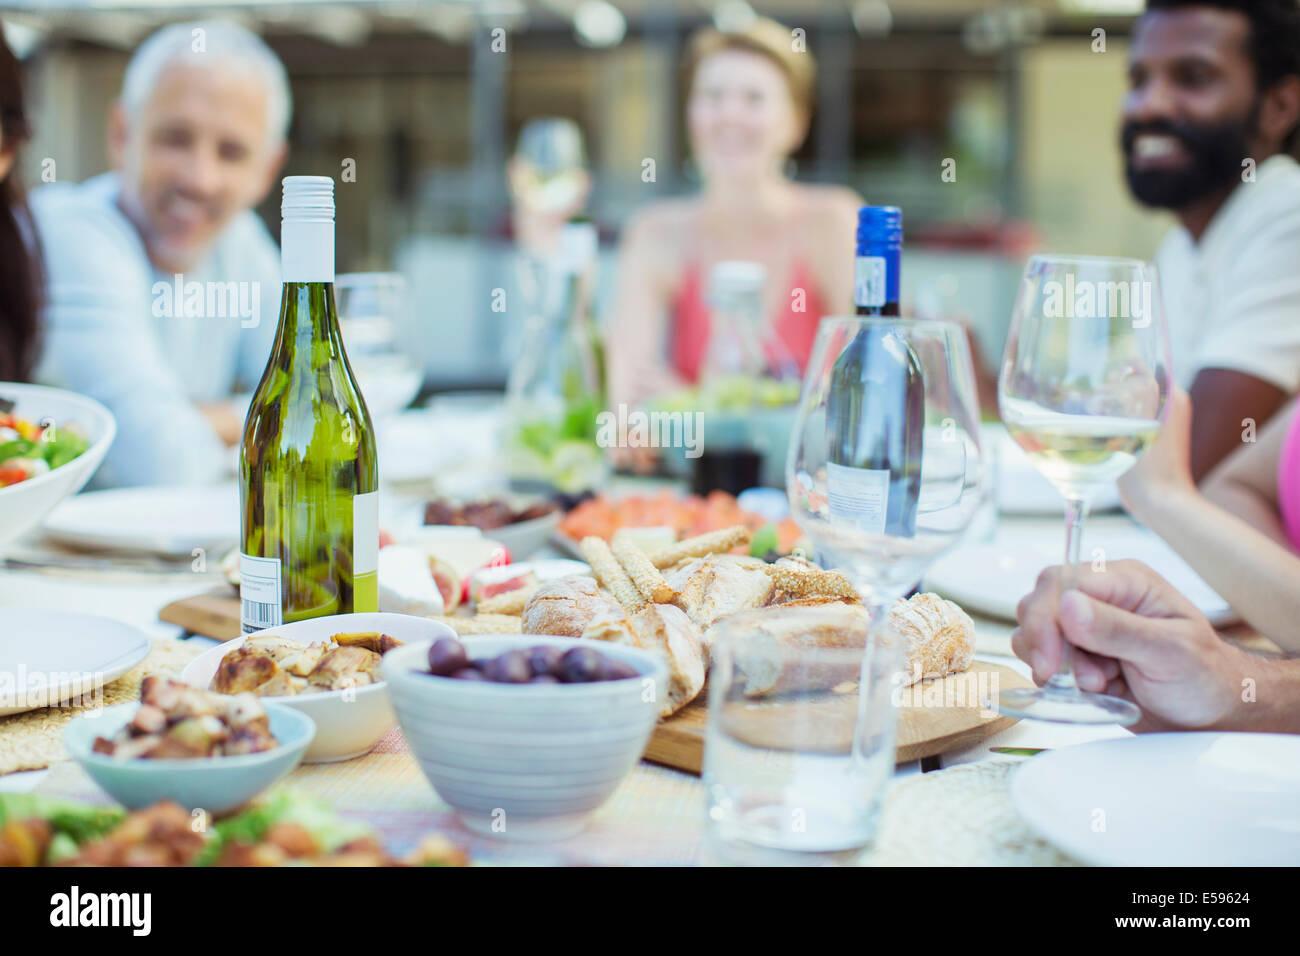 Piastre di cibo sul tavolo all'aperto Foto Stock